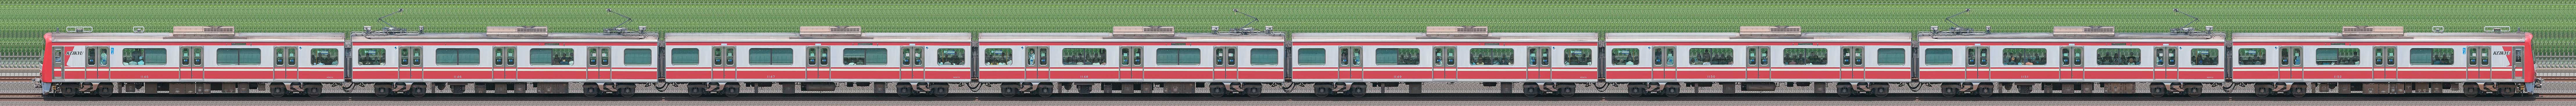 京急電鉄 新1000形(11次車)1145編成(海側)の編成サイドビュー